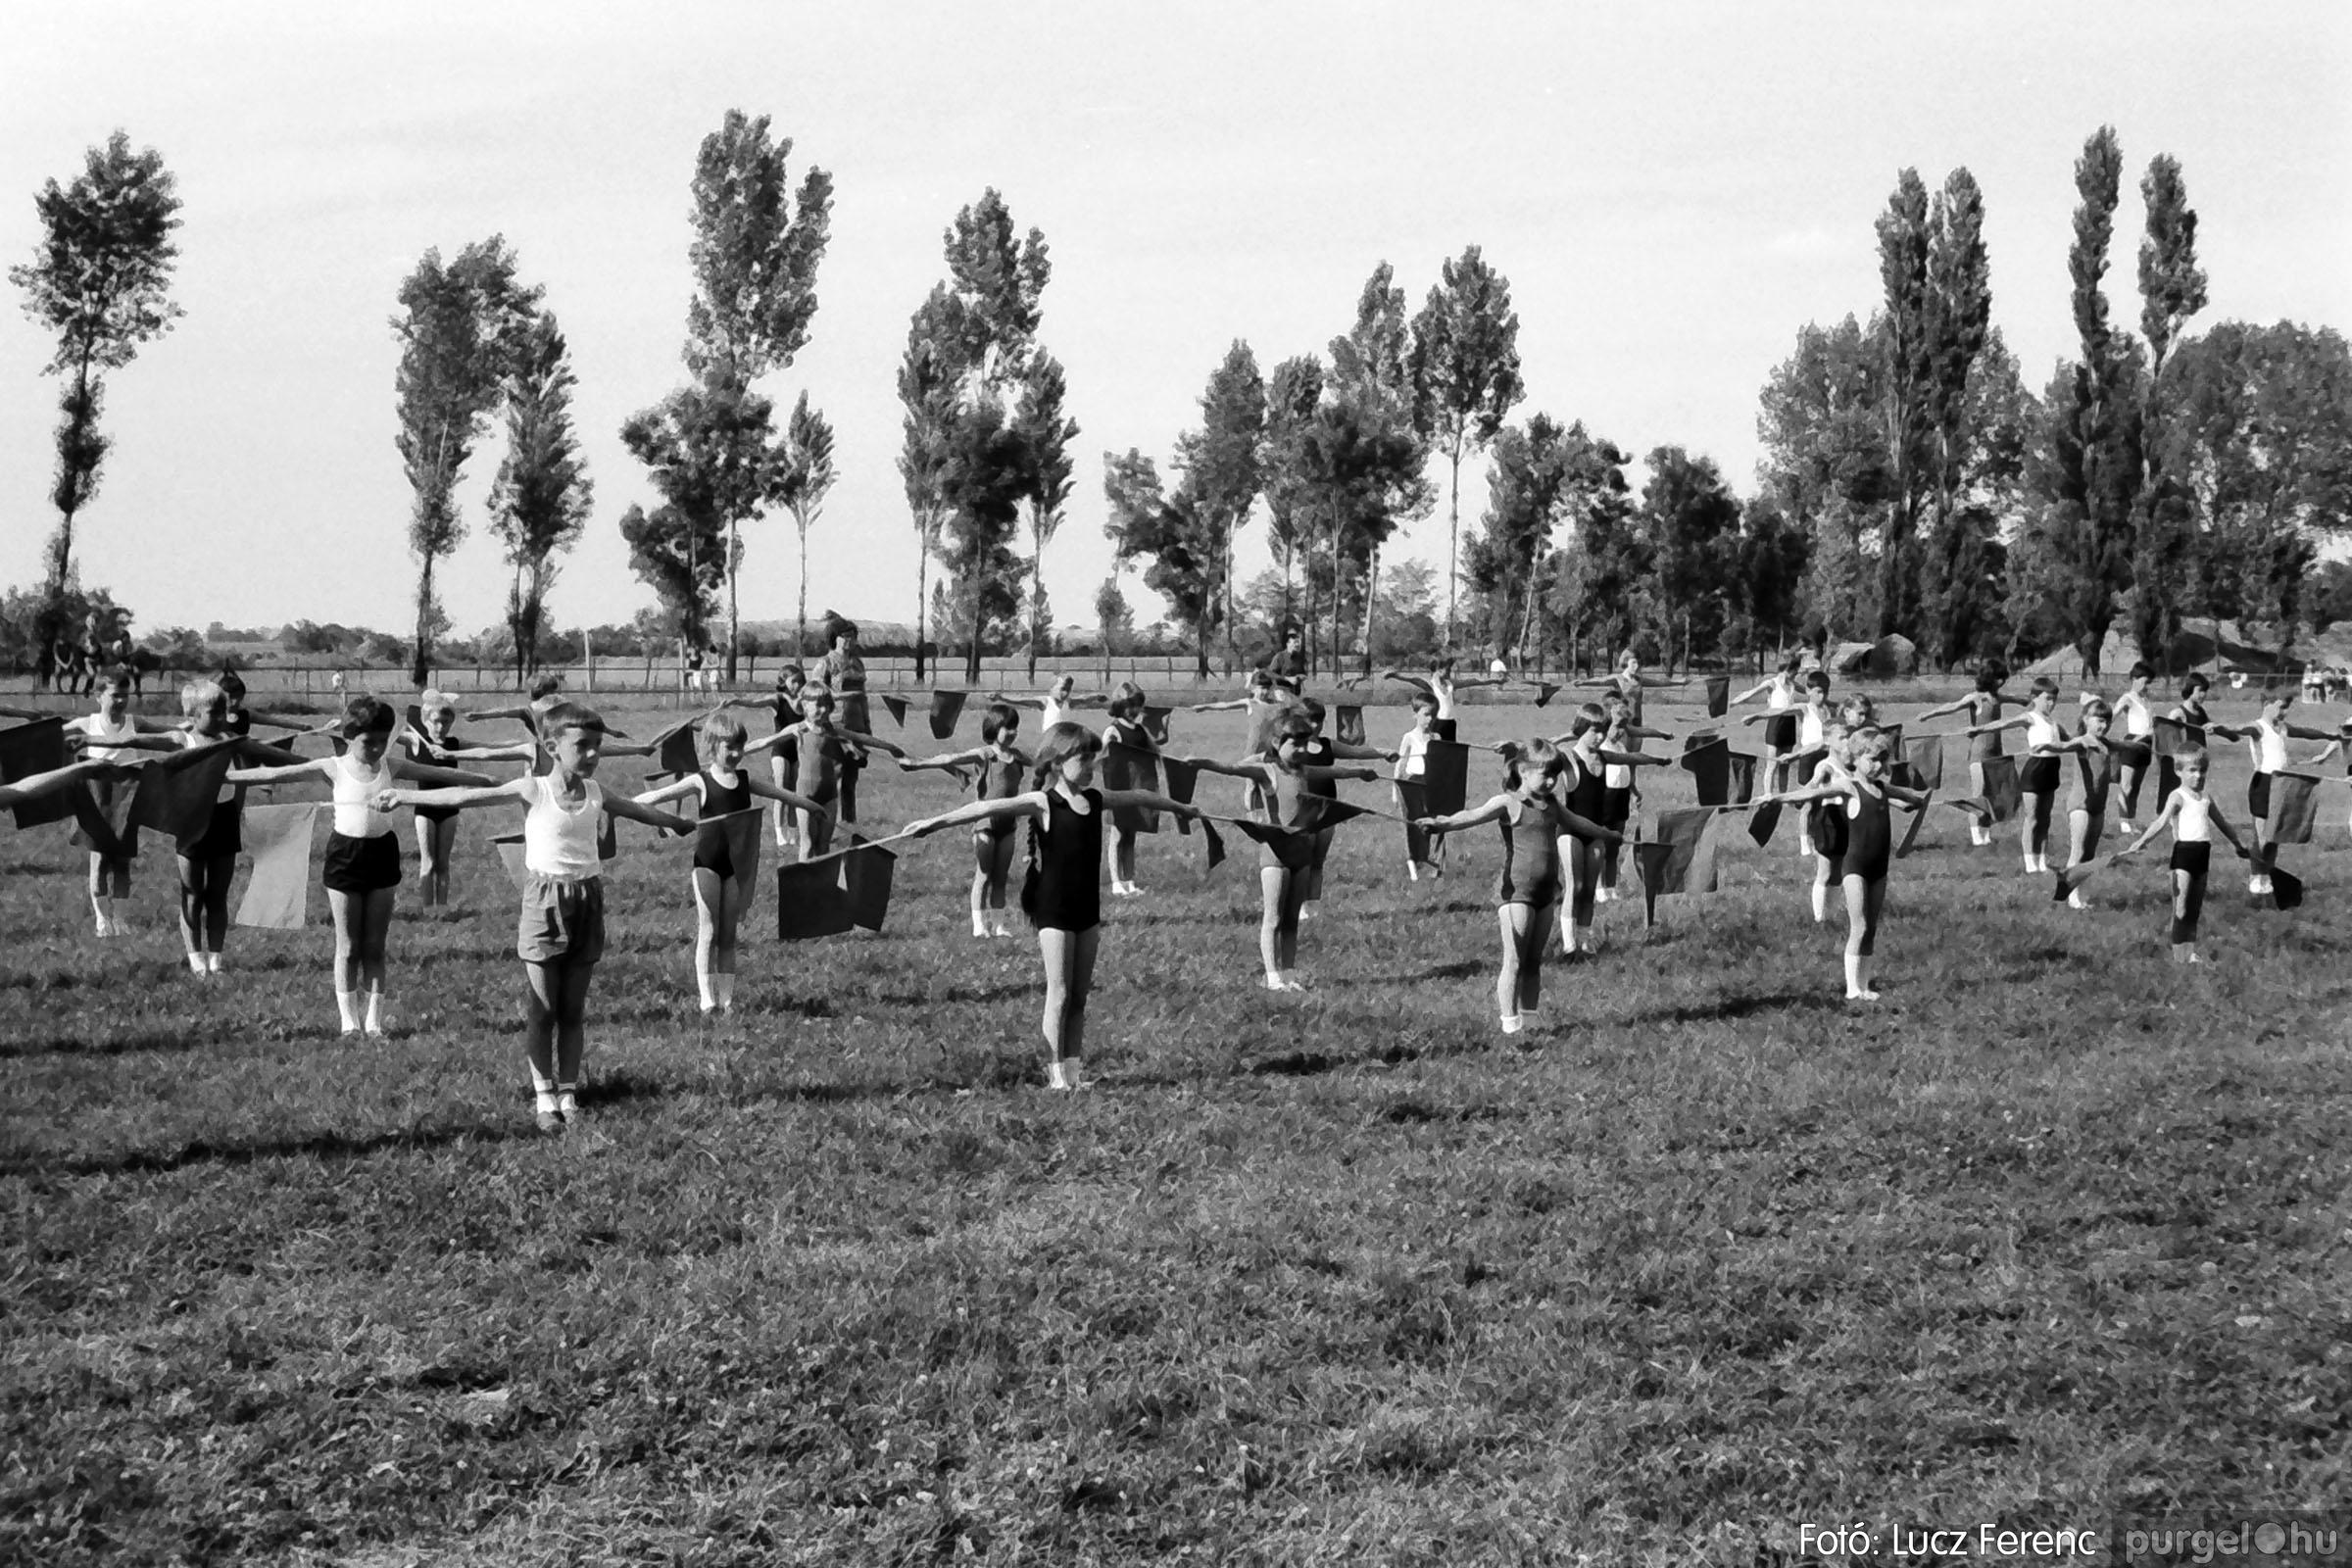 017 1975.04. Május elsejei tornabemutató főpróbája a sportpályán 030 - Fotó: Lucz Ferenc IMG00031q.jpg